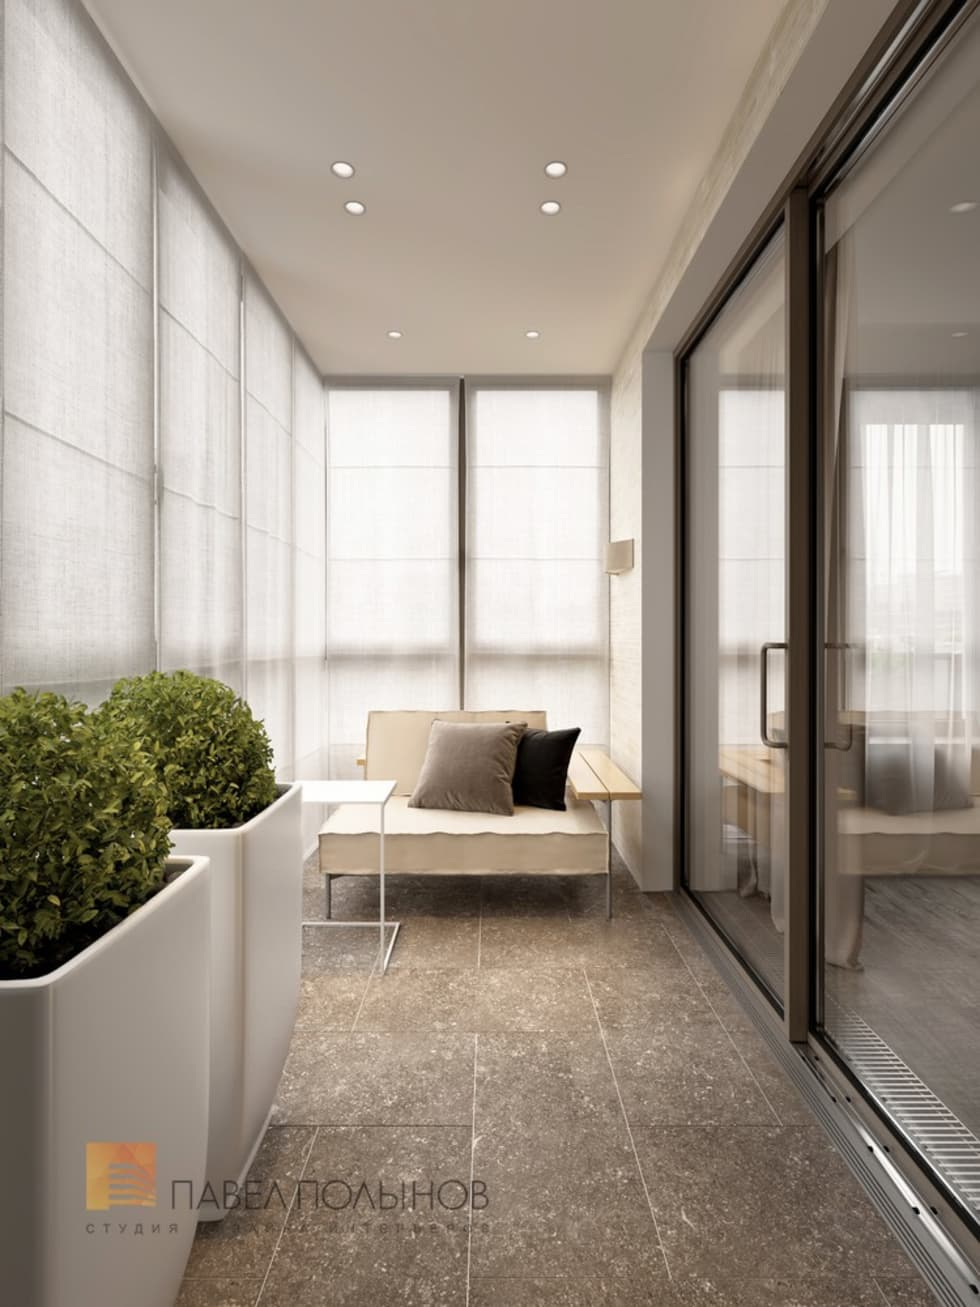 Интерьер лоджии в современном стиле, жк дудернгоф клаб.